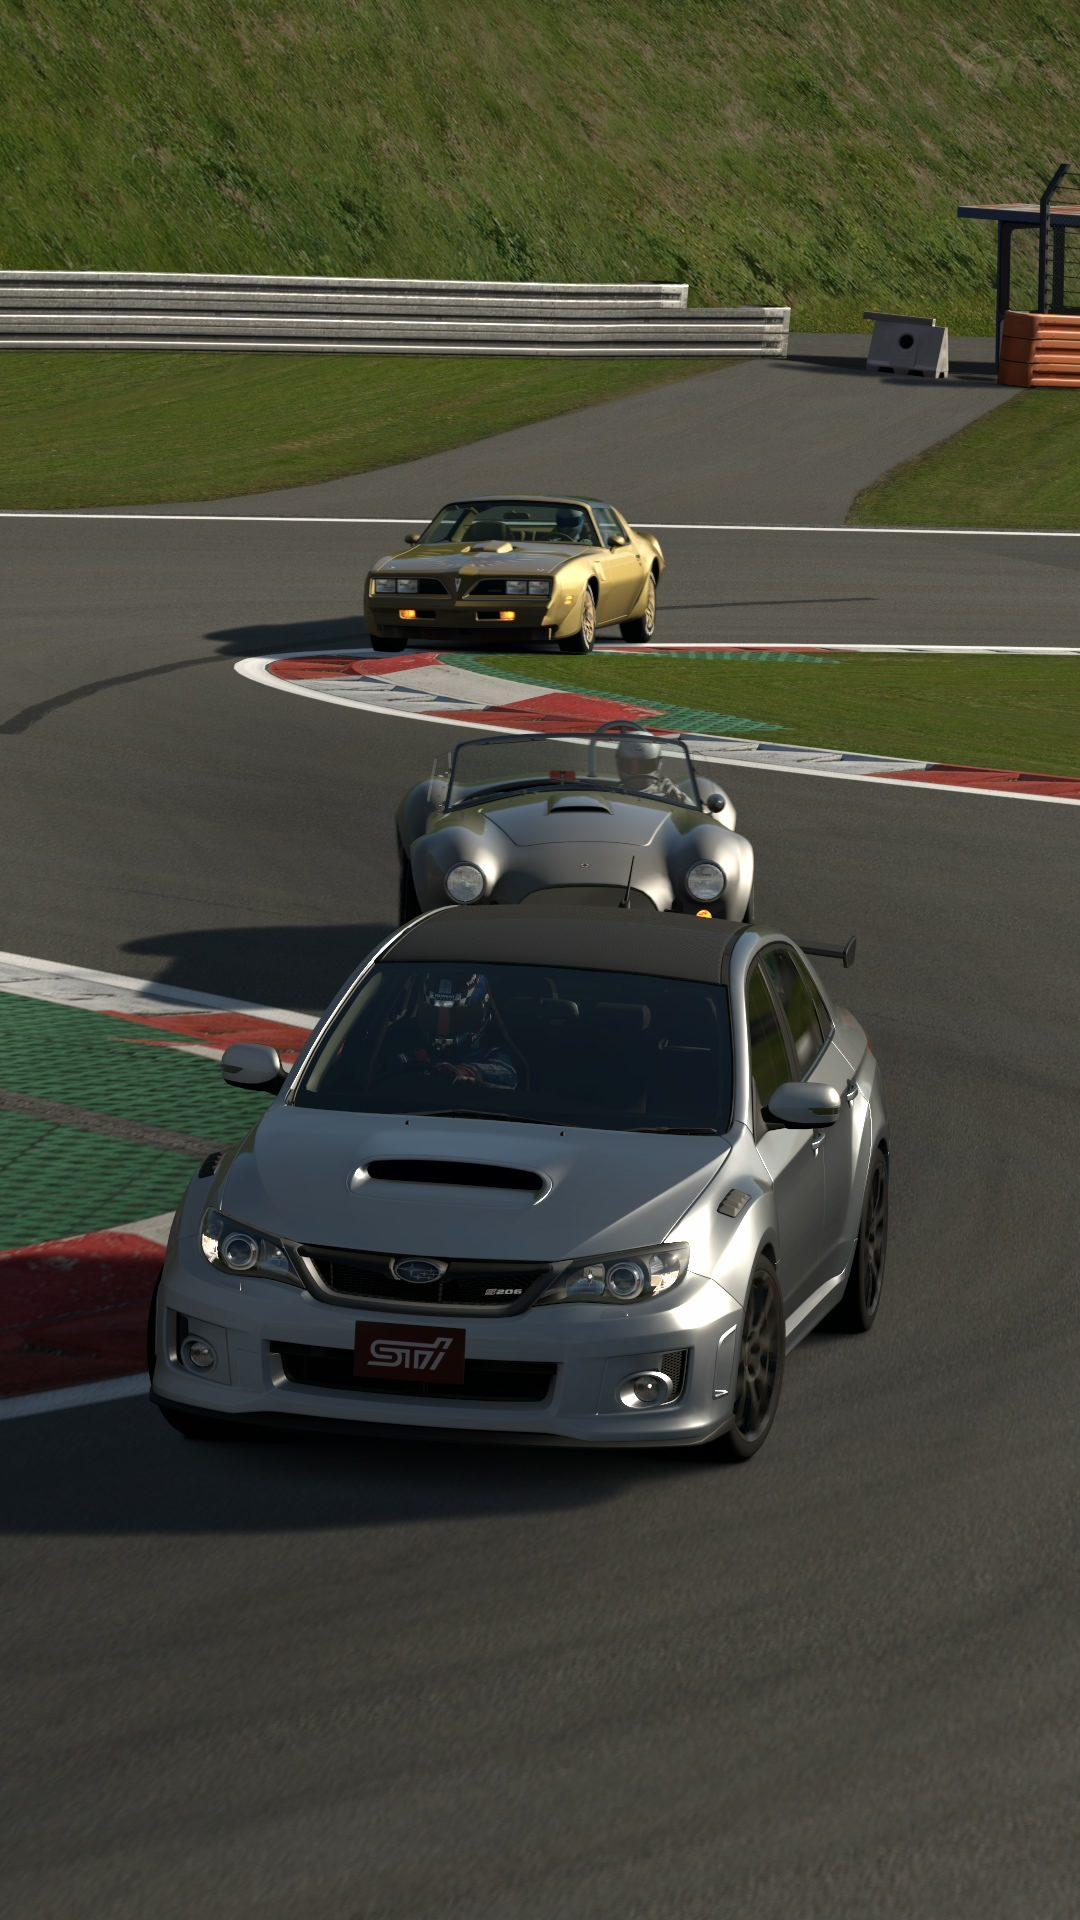 Nürburgring GP_D_4 (2).jpg